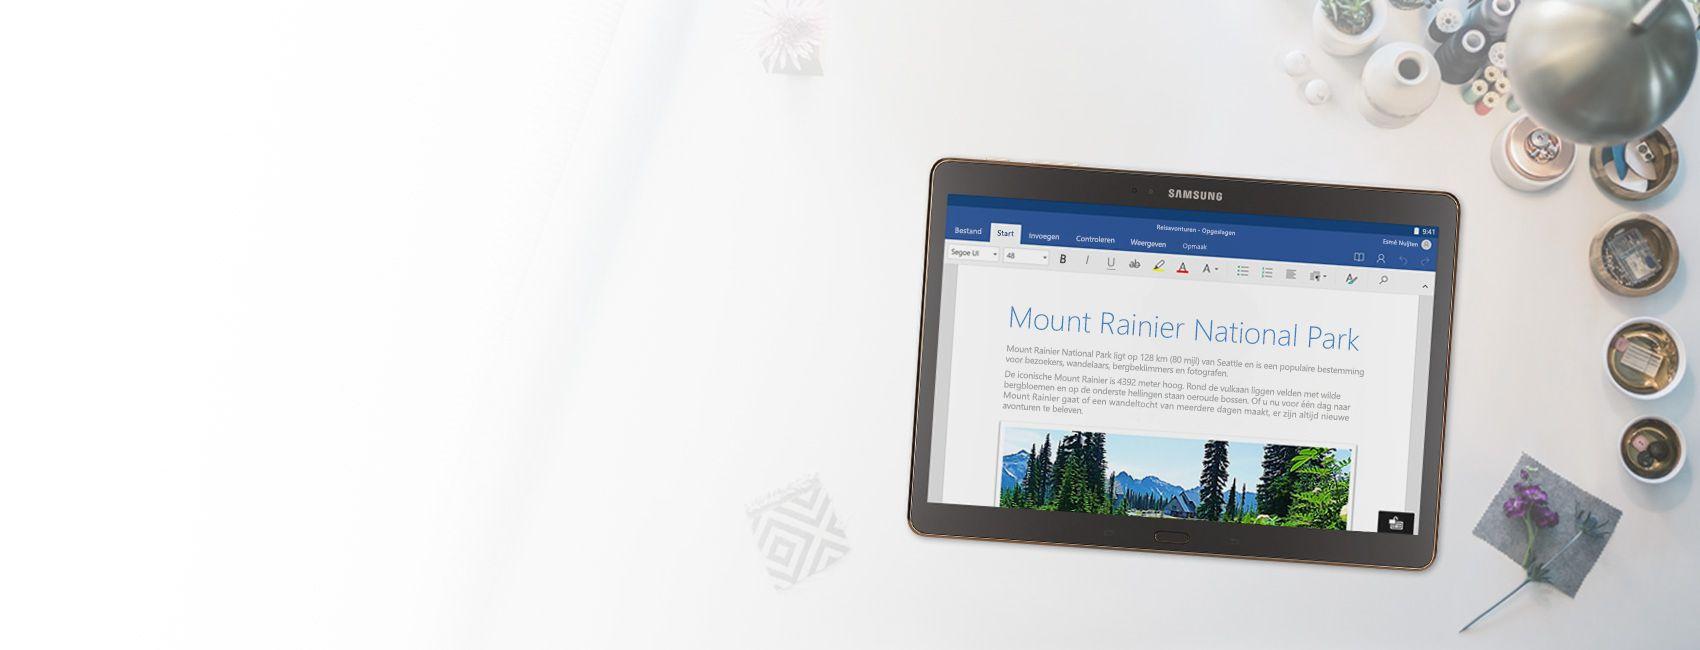 Een tablet met een Word-document over Mount Rainier National Park